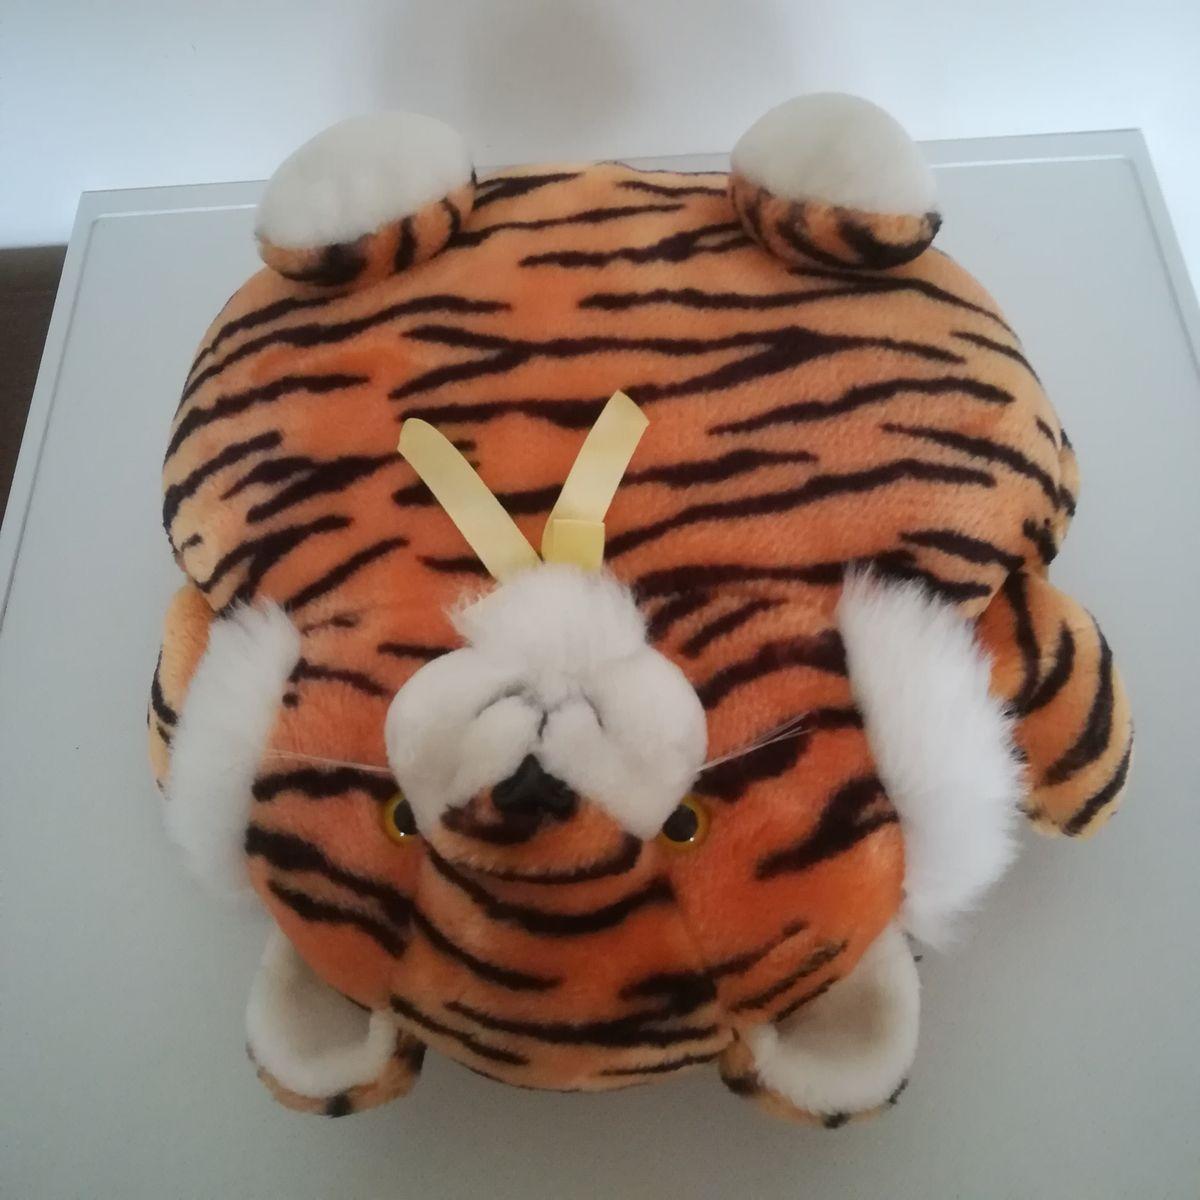 ... Prémium minőségű pakolható tigris plüss párna 830b1b6f21